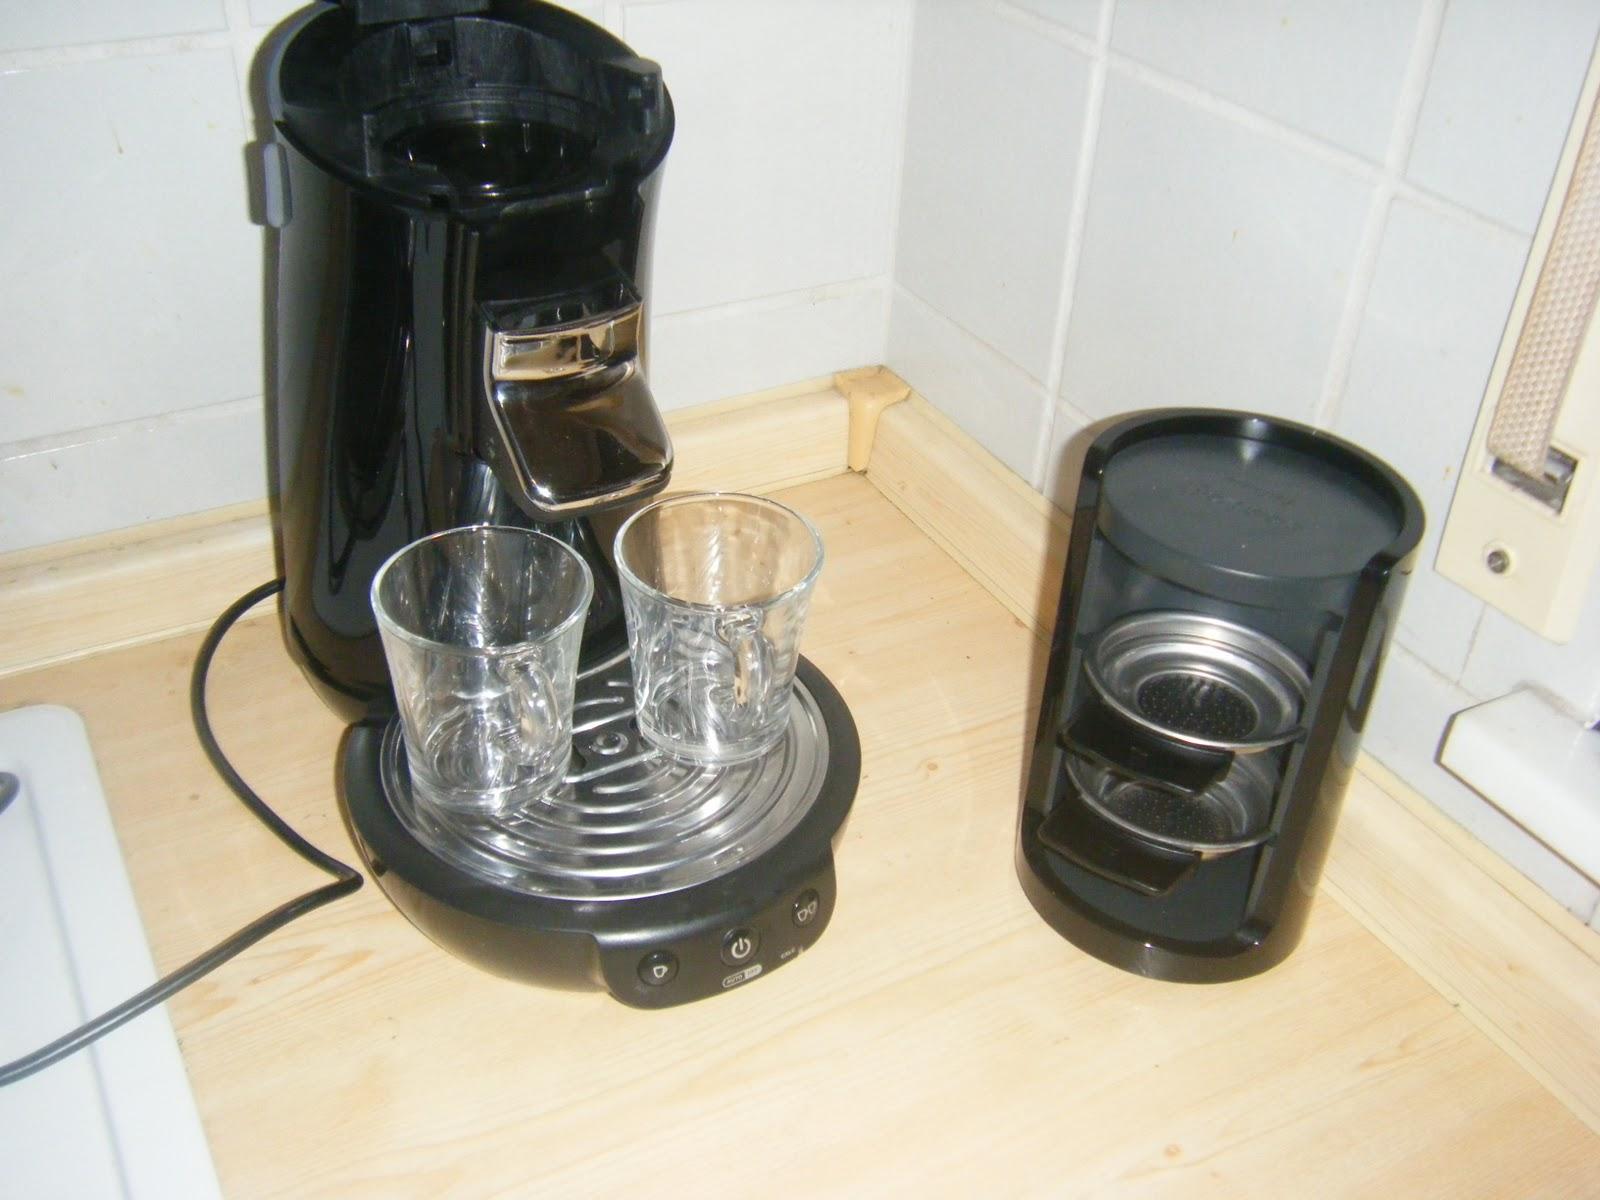 Kaffee Oder Gefärbtes Heißes Wasser? Senseo Viva Cafe Im Test